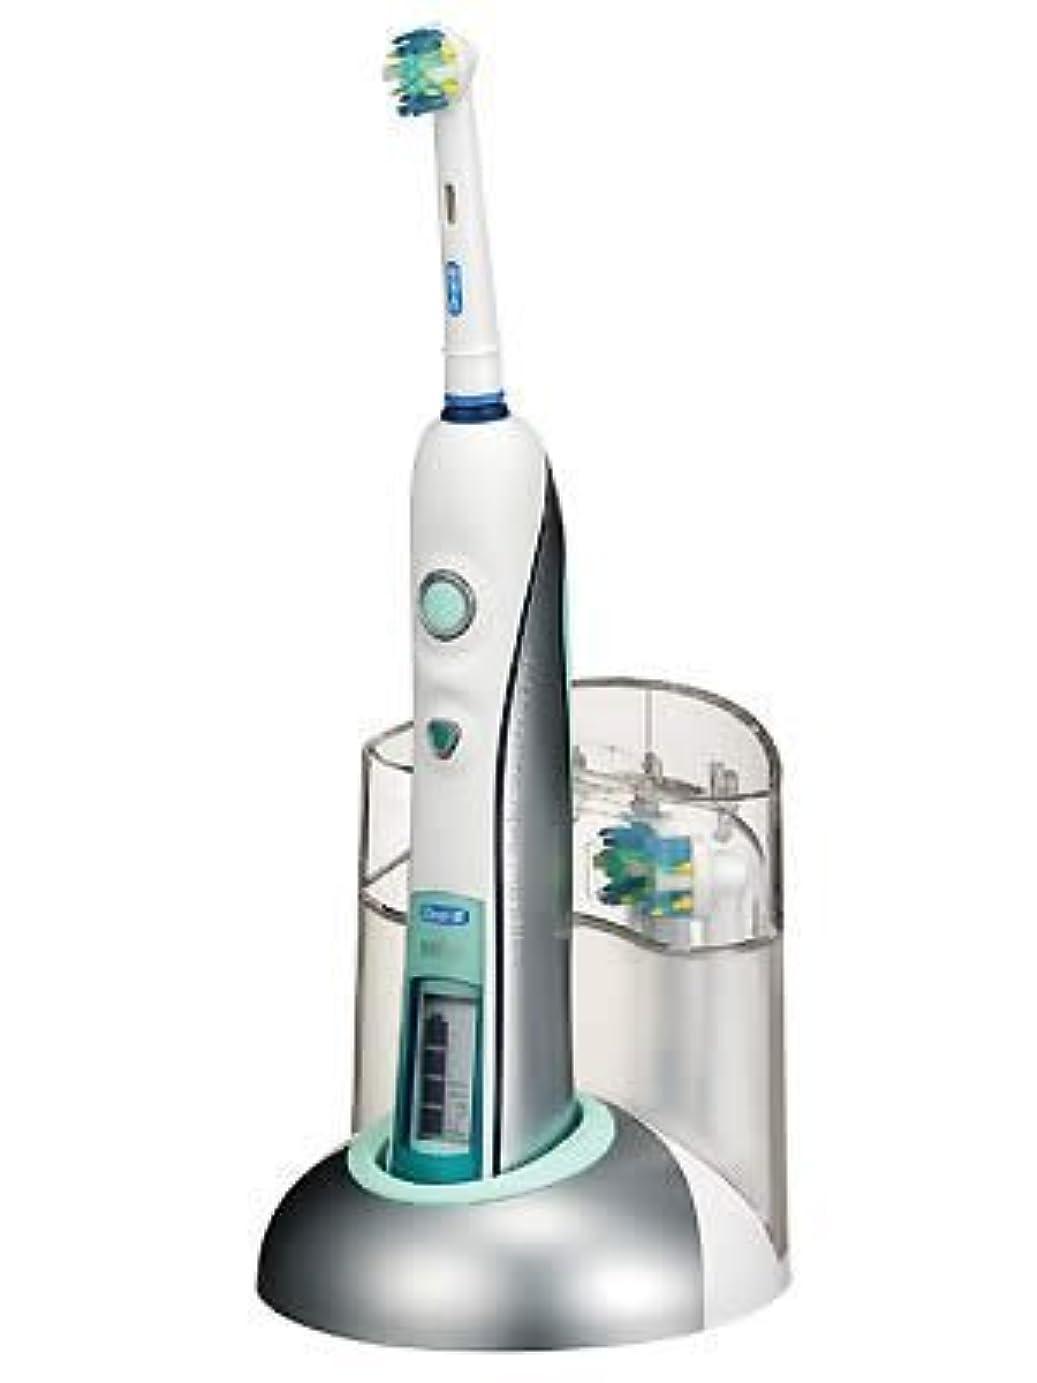 ブラウン オーラルB 電動歯ブラシ デンタプライド D25 516 3